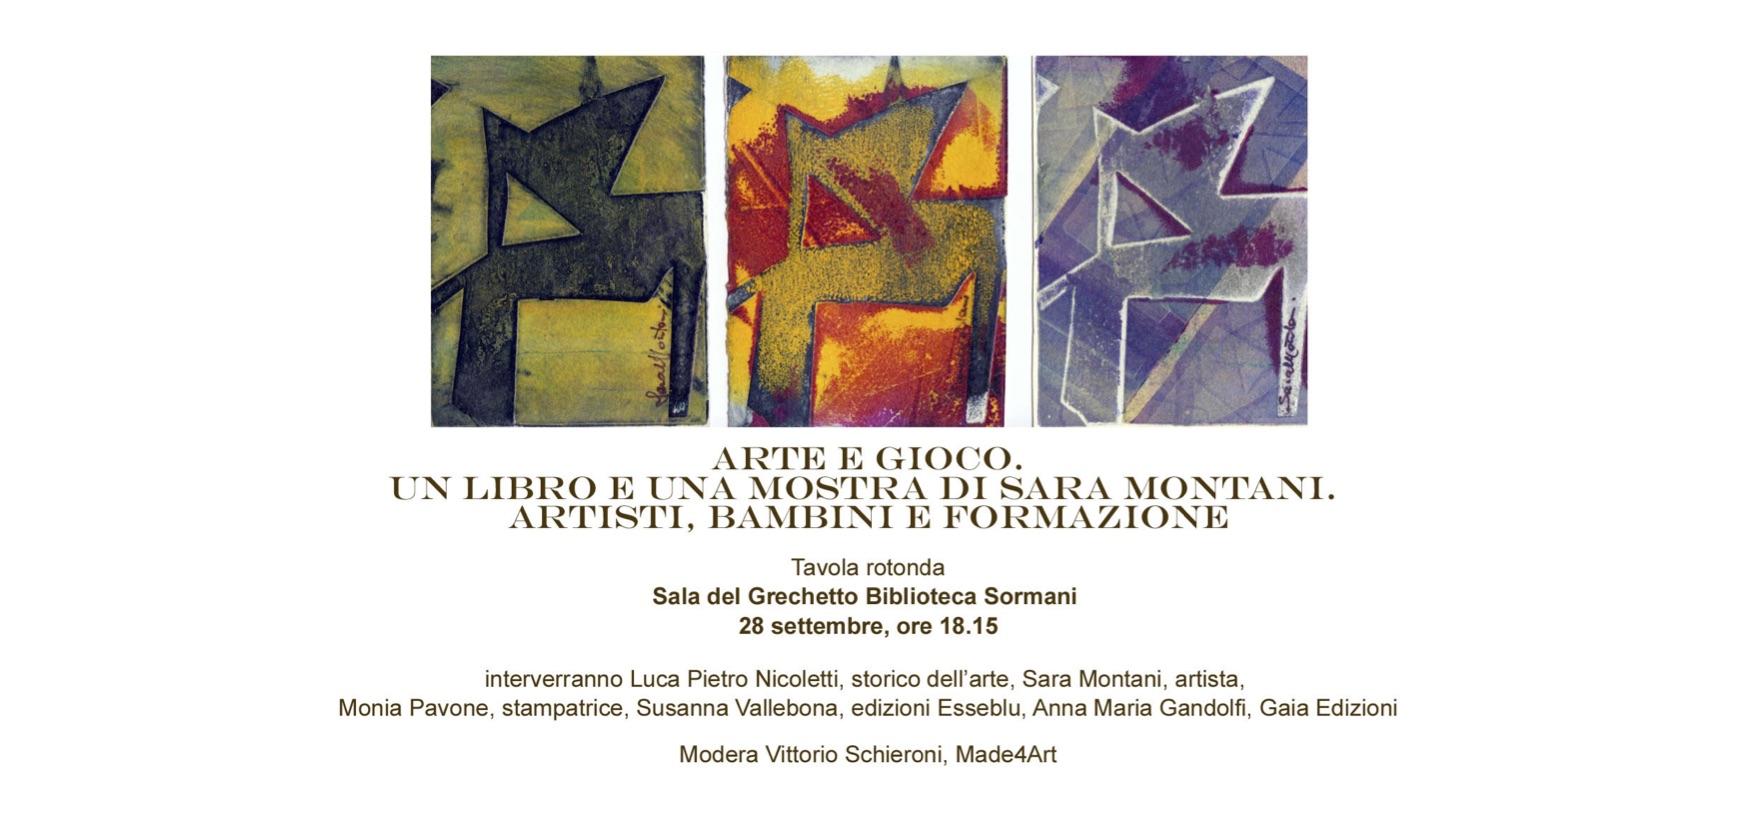 w.Sara Montani. Arte e Gioco. Sala del Grechetto di Palazzo Sormani. 28 settembre 2015.jpg